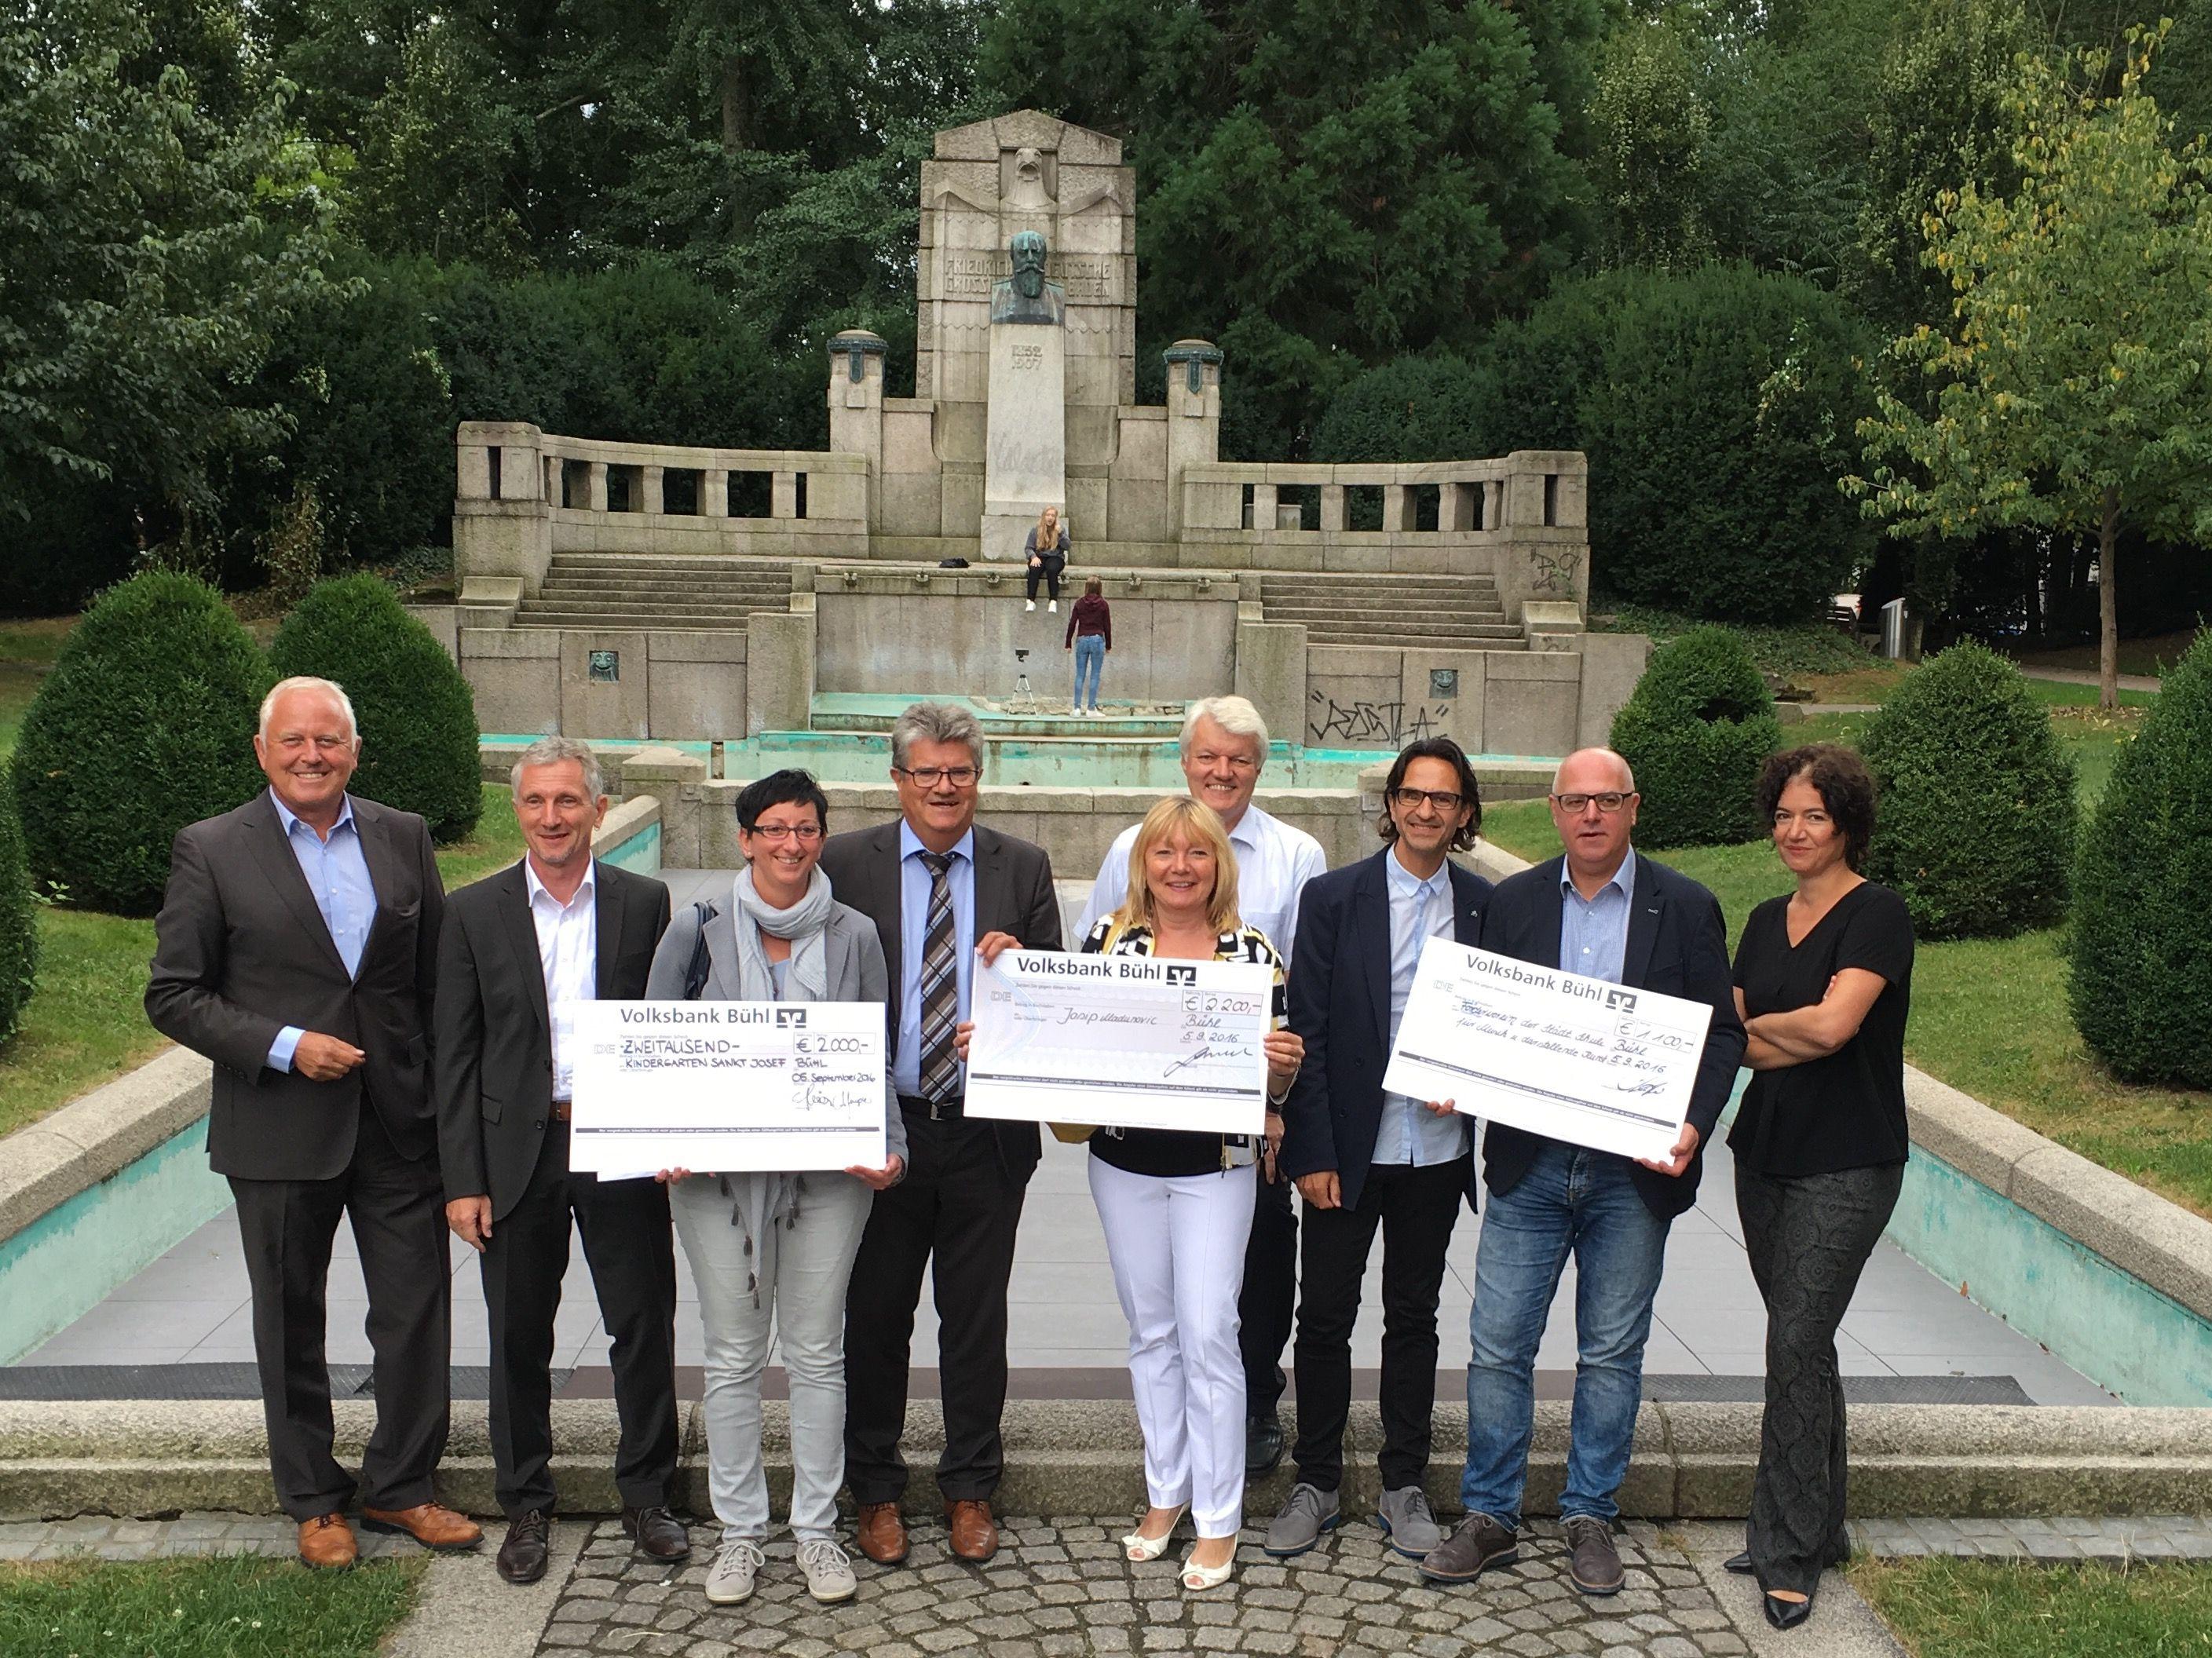 Charity scheck bergabe euro von der after work - Stadtgarten hamburg ...